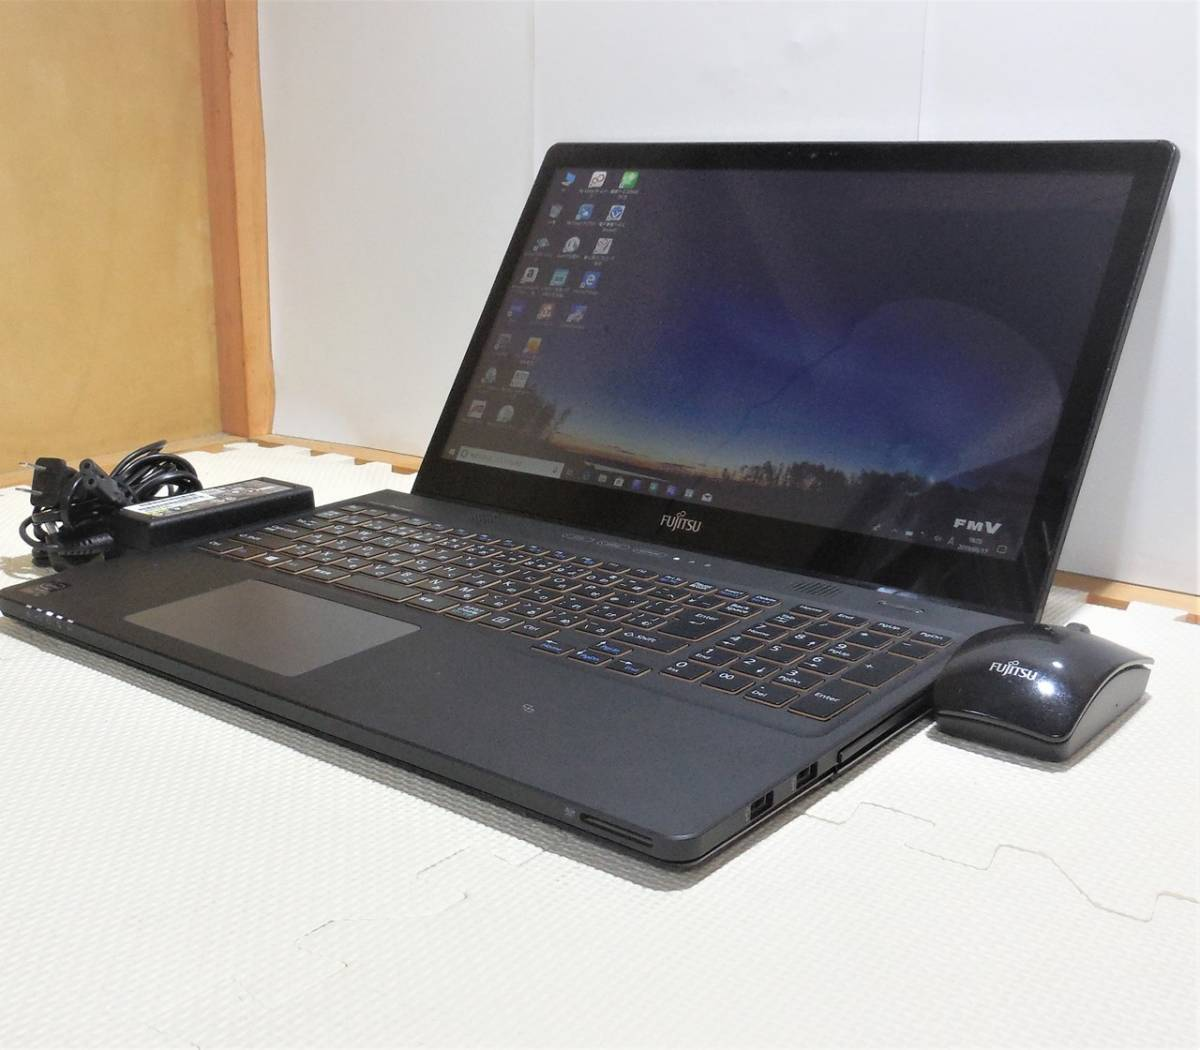 超綺麗フルHD&タッチパネル搭載!【爆速新品 SSD 512GB &core i7-4702HQ(4コア)】8GB/Blu-ray/office/Windows10/富士通 LIFEBOOK AH77/M